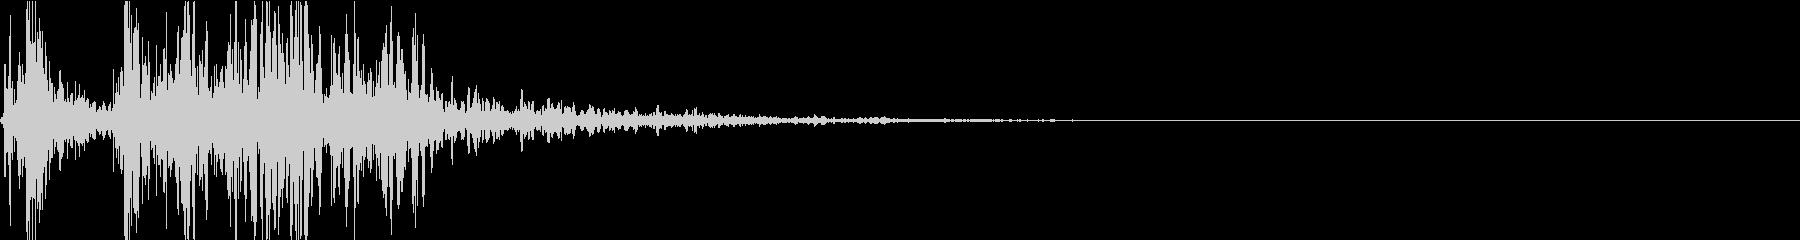 【生録音】衣擦れ 戦闘 布ノイズ 10の未再生の波形